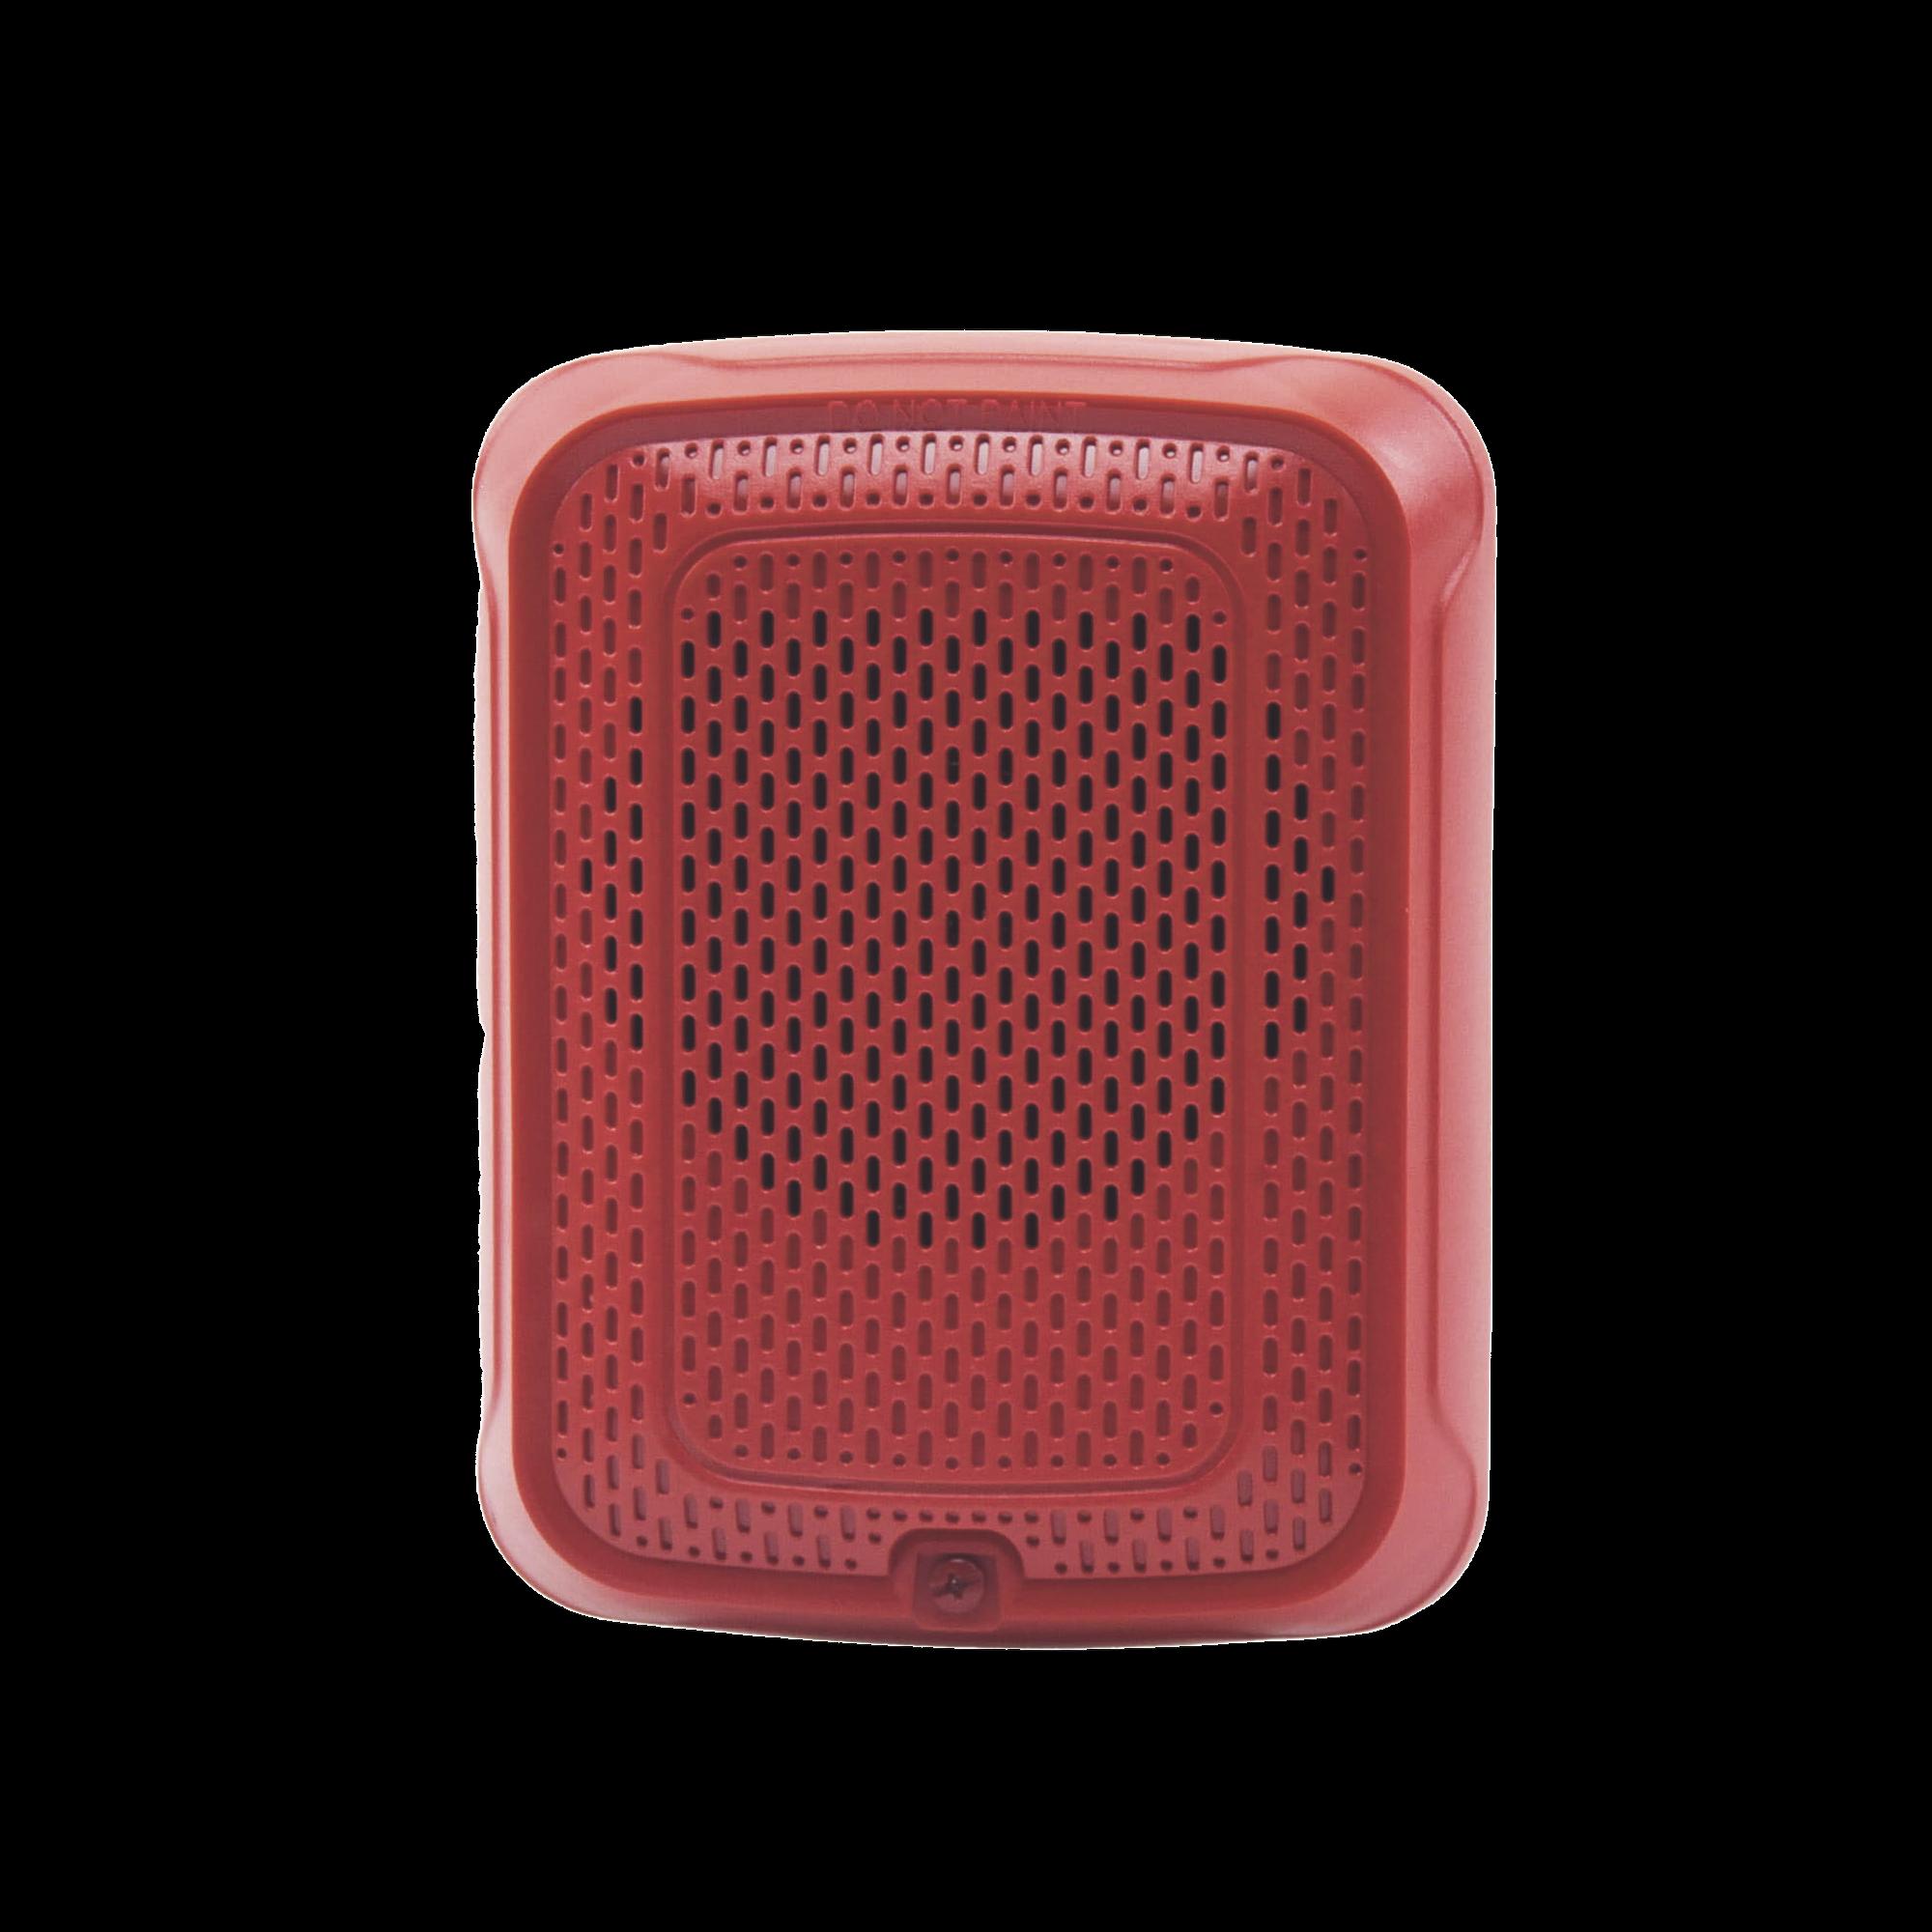 Bocina para Montaje en Pared, Color Rojo, Nuevo Diseño Moderno y Elegante y Menor Consumo de Corriente